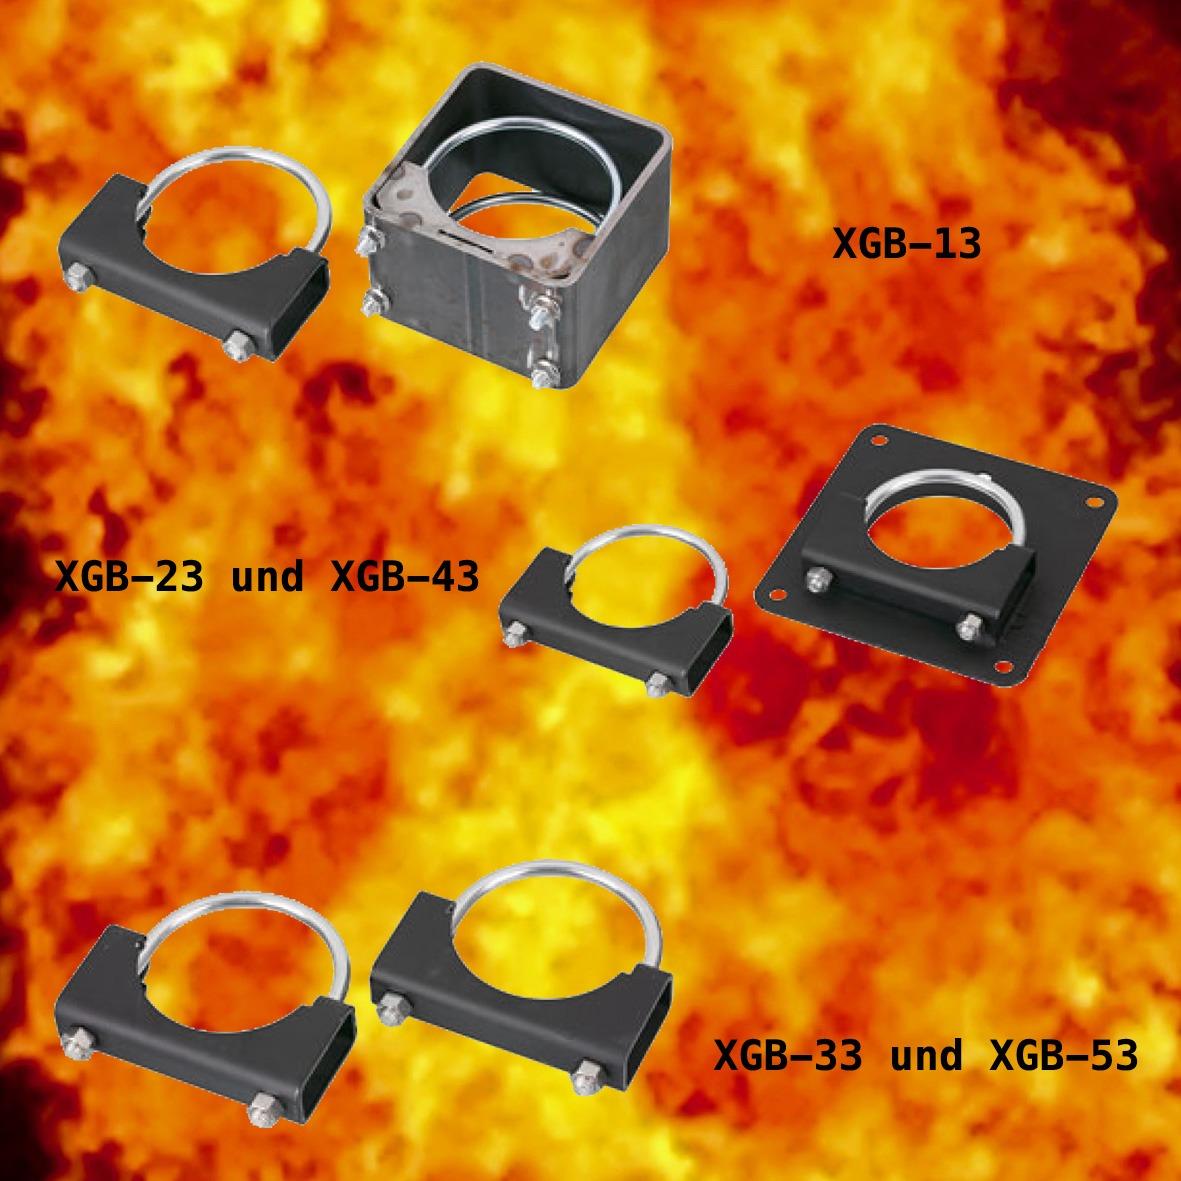 Halterungen für Extend-a-gun Teleskoprohr